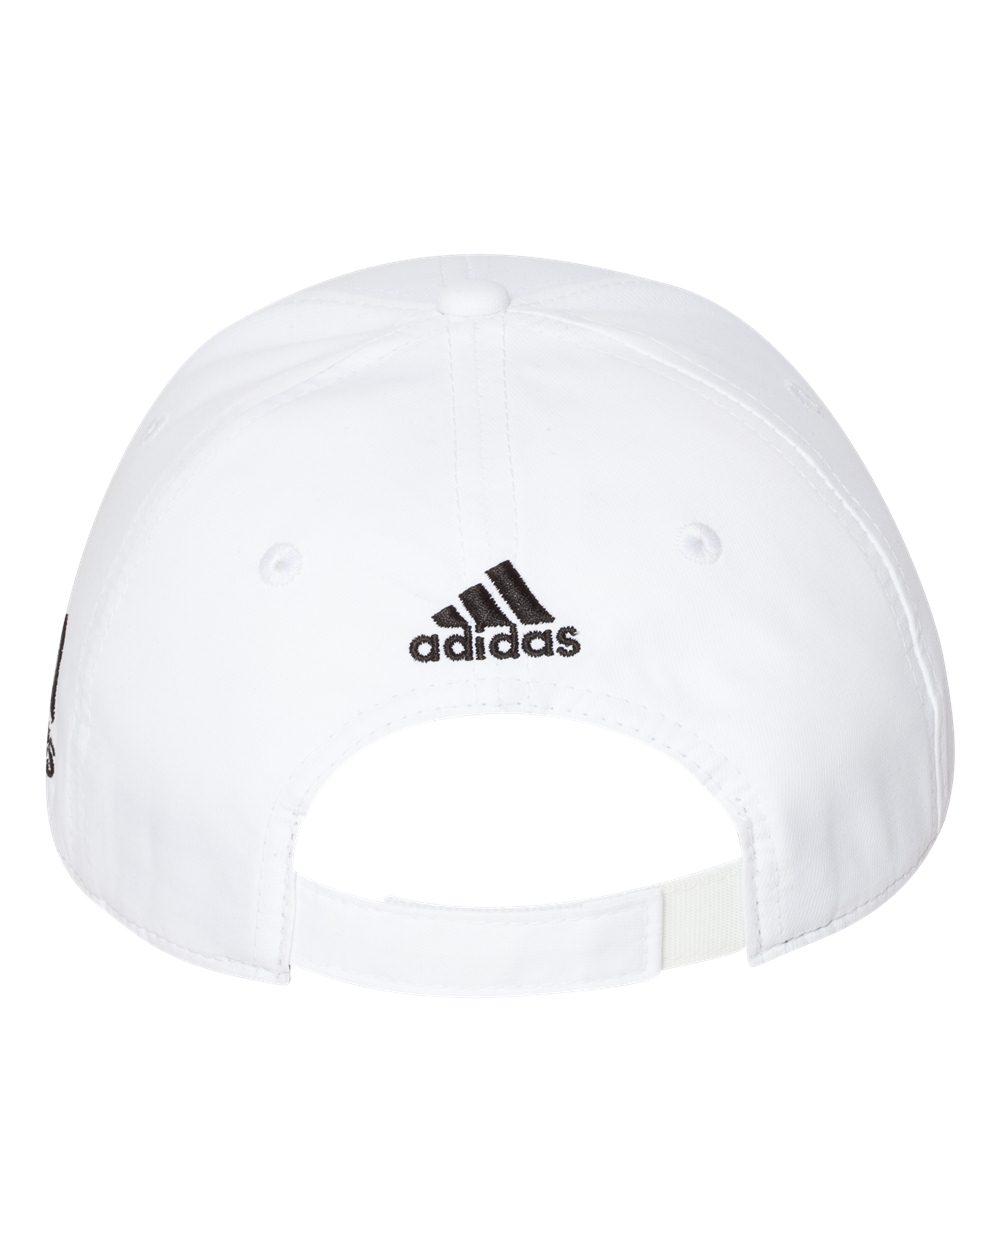 Adidas Royal